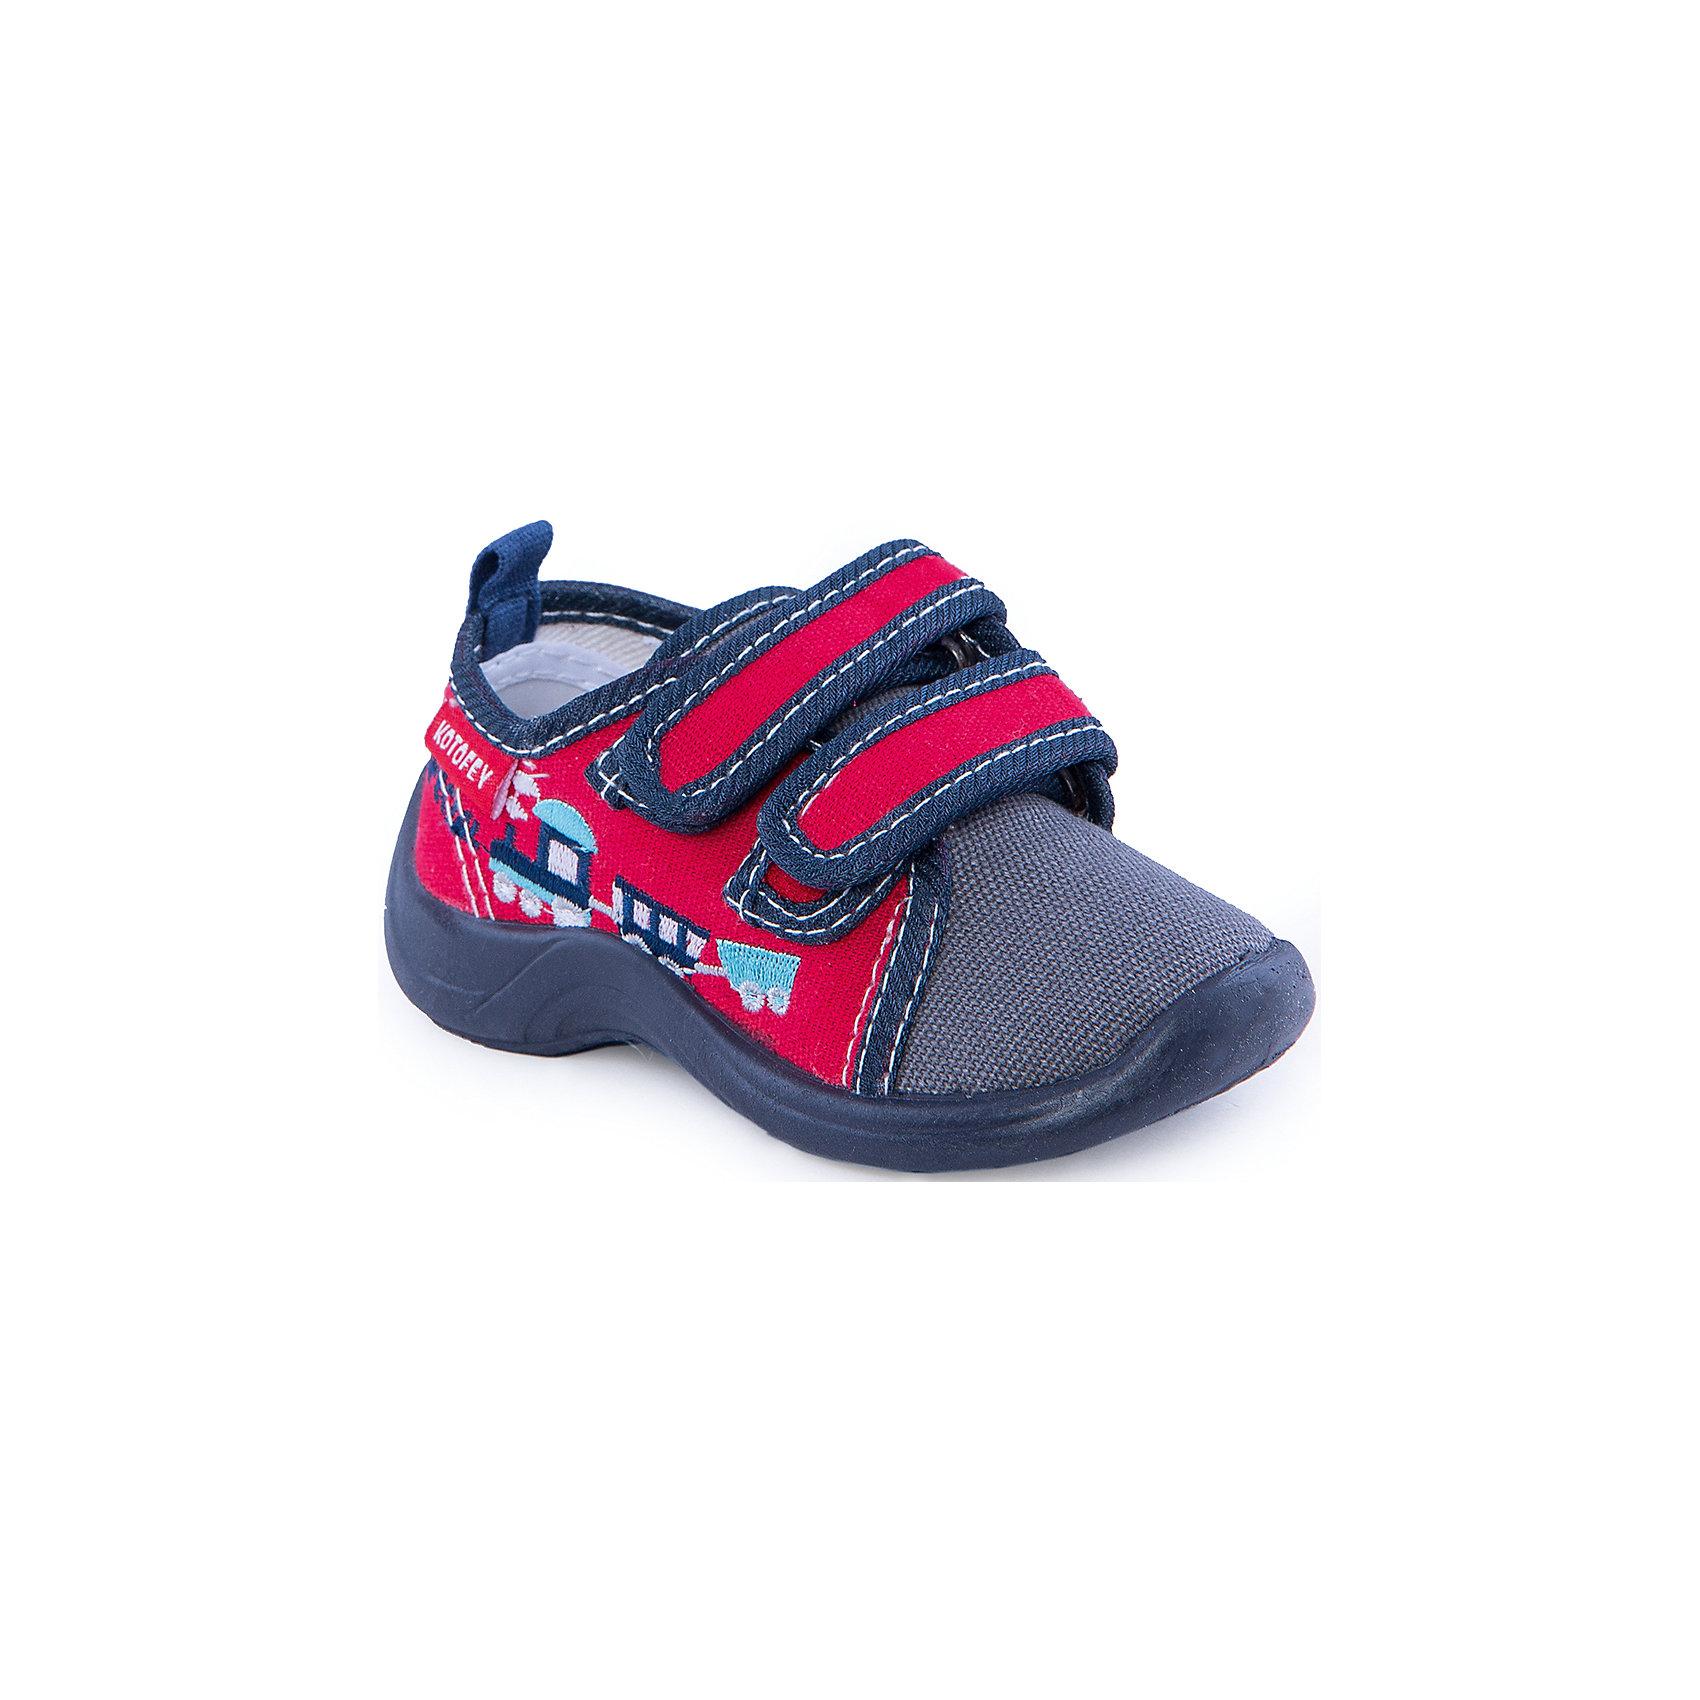 Ботинки для мальчика КотофейБотинки для мальчика от известного российского бренда Котофей<br><br>Легкие ботинки не только хорошо сидят на ноге - они легко надеваются благодаря удобной липучке. Эта модель создана с учетом особенностей развития детской стопы, поэтому все детали проработаны особенно тщательно.<br><br>Особенности модели: <br><br>- цвет - красный, синий;<br>- стильный дизайн;<br>- принт с паровозом;<br>- высокий задник;<br>- закрытый носок;<br>- супинатор;<br>- вид крепления – литьевой;<br>- амортизирующая подошва;<br>- застежка - липучка.<br><br>Дополнительная информация:<br><br>Температурный режим: <br><br>от +15° С до +25° С<br><br>Состав:<br>верх – текстиль;<br>подкладка - текстиль;<br>подошва - ПВХ.<br>Ботинки для мальчика Котофей можно купить в нашем магазине.<br><br>Ширина мм: 262<br>Глубина мм: 176<br>Высота мм: 97<br>Вес г: 427<br>Цвет: красный<br>Возраст от месяцев: 15<br>Возраст до месяцев: 18<br>Пол: Мужской<br>Возраст: Детский<br>Размер: 22,21,23,25,26,27,24<br>SKU: 4315243